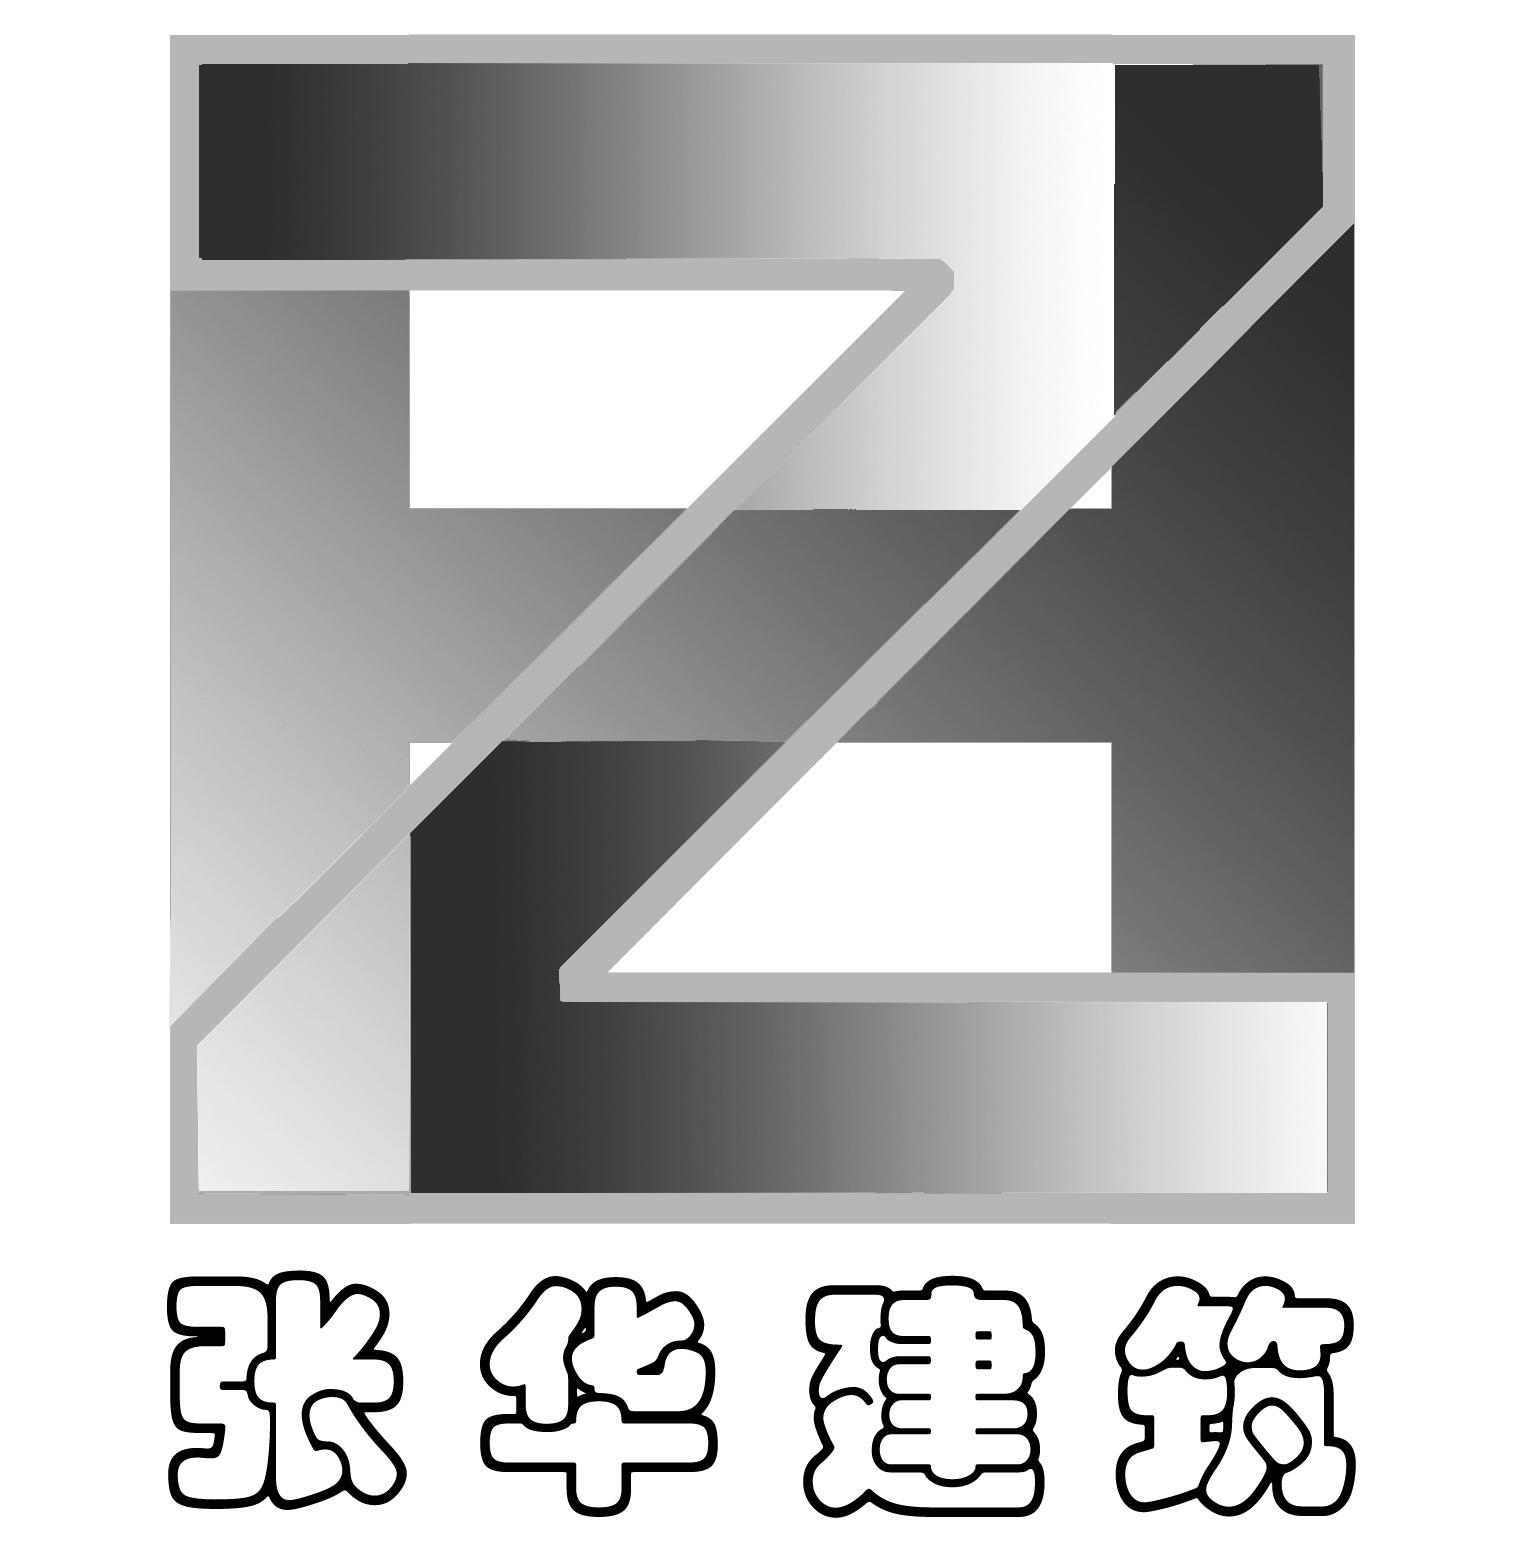 天津大学建筑规划设计研究总院,张华教授工作室